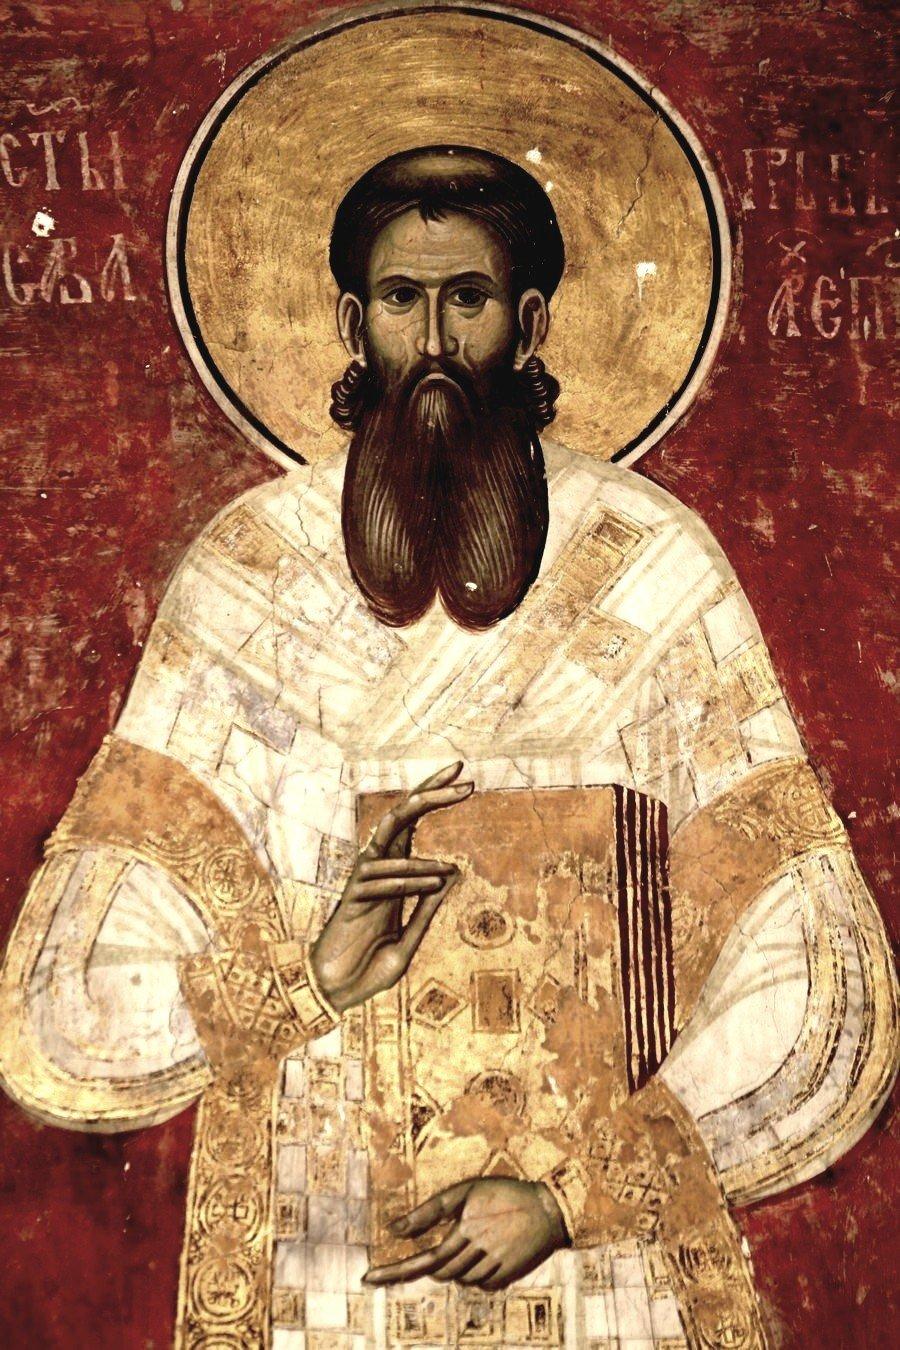 Святитель Савва, первый Архиепископ Сербский. Фреска церкви Святого Димитрия в монастыре Печская Патриархия, Косово и Метохия, Сербия. 1322 - 1324 годы.